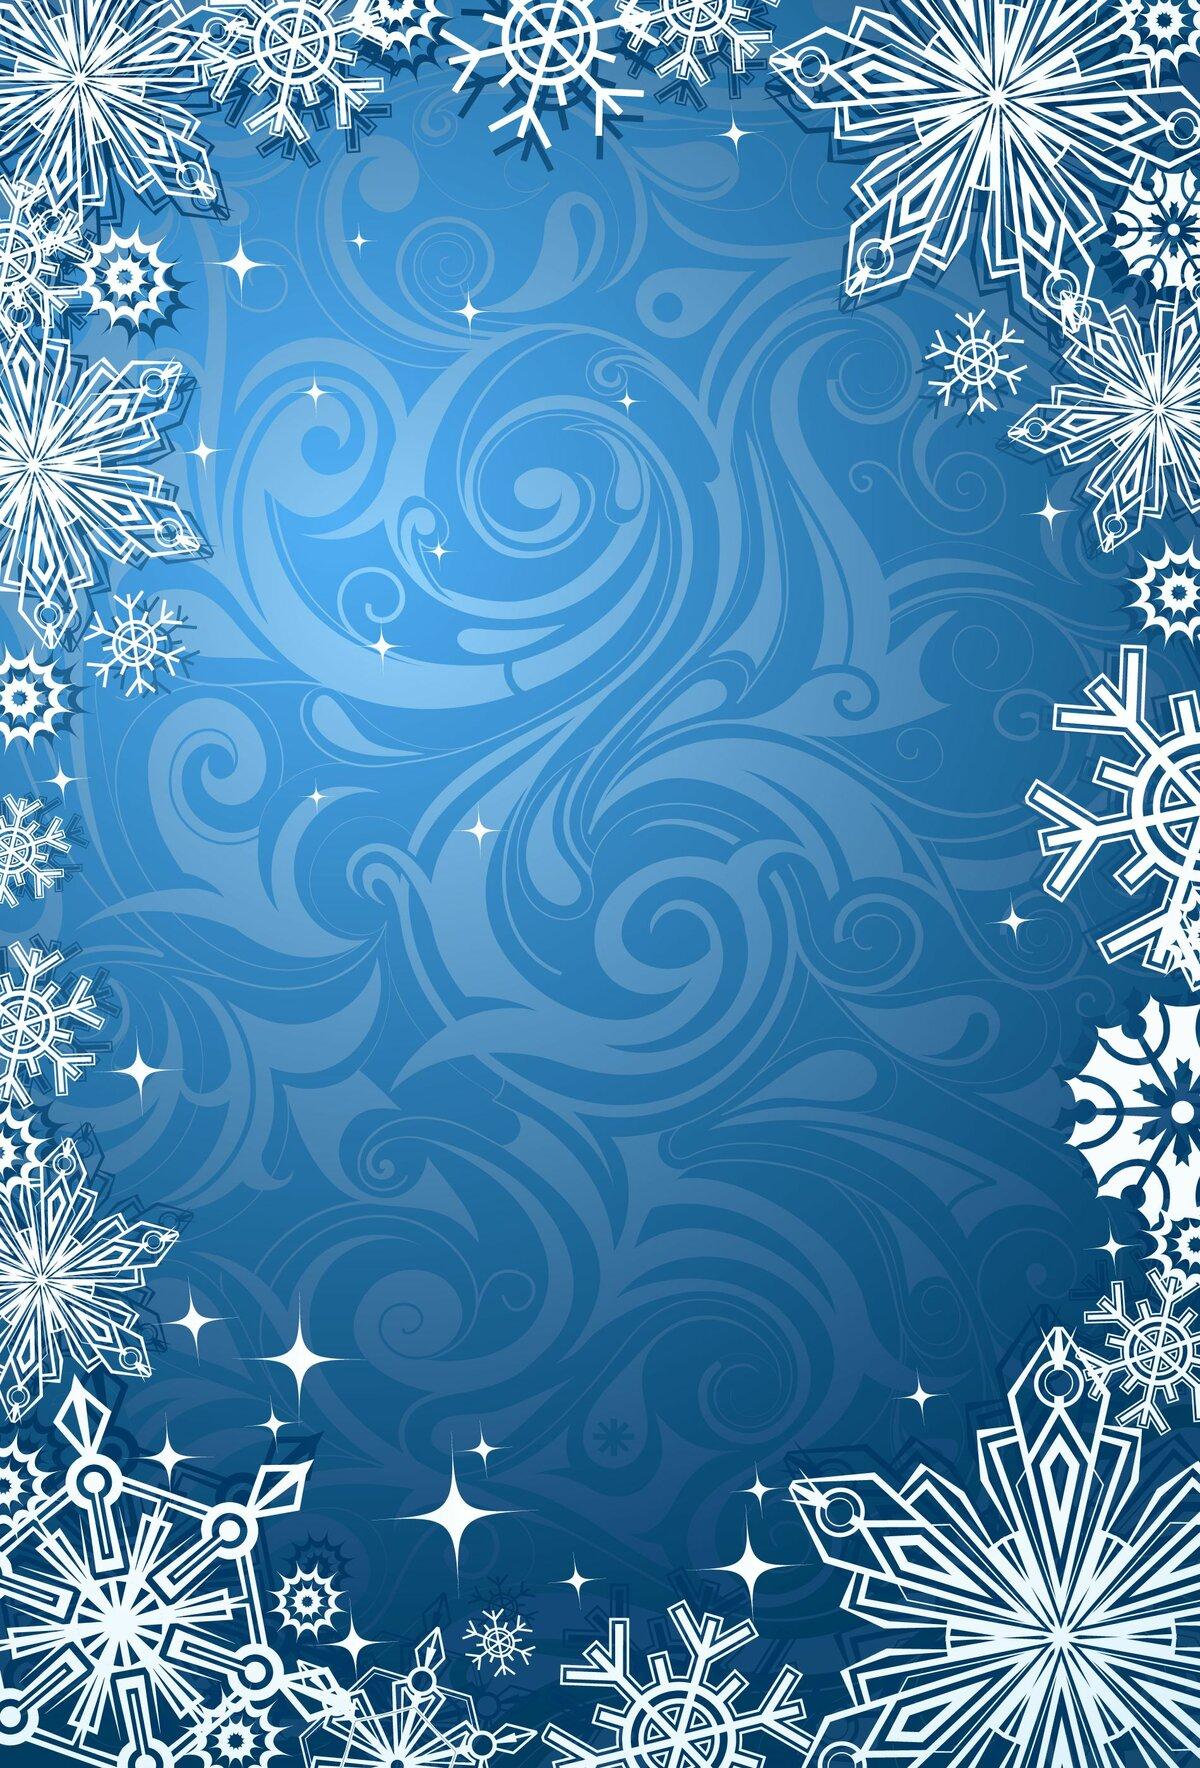 красивая однотонная картинка со снежинками пропускает предельно